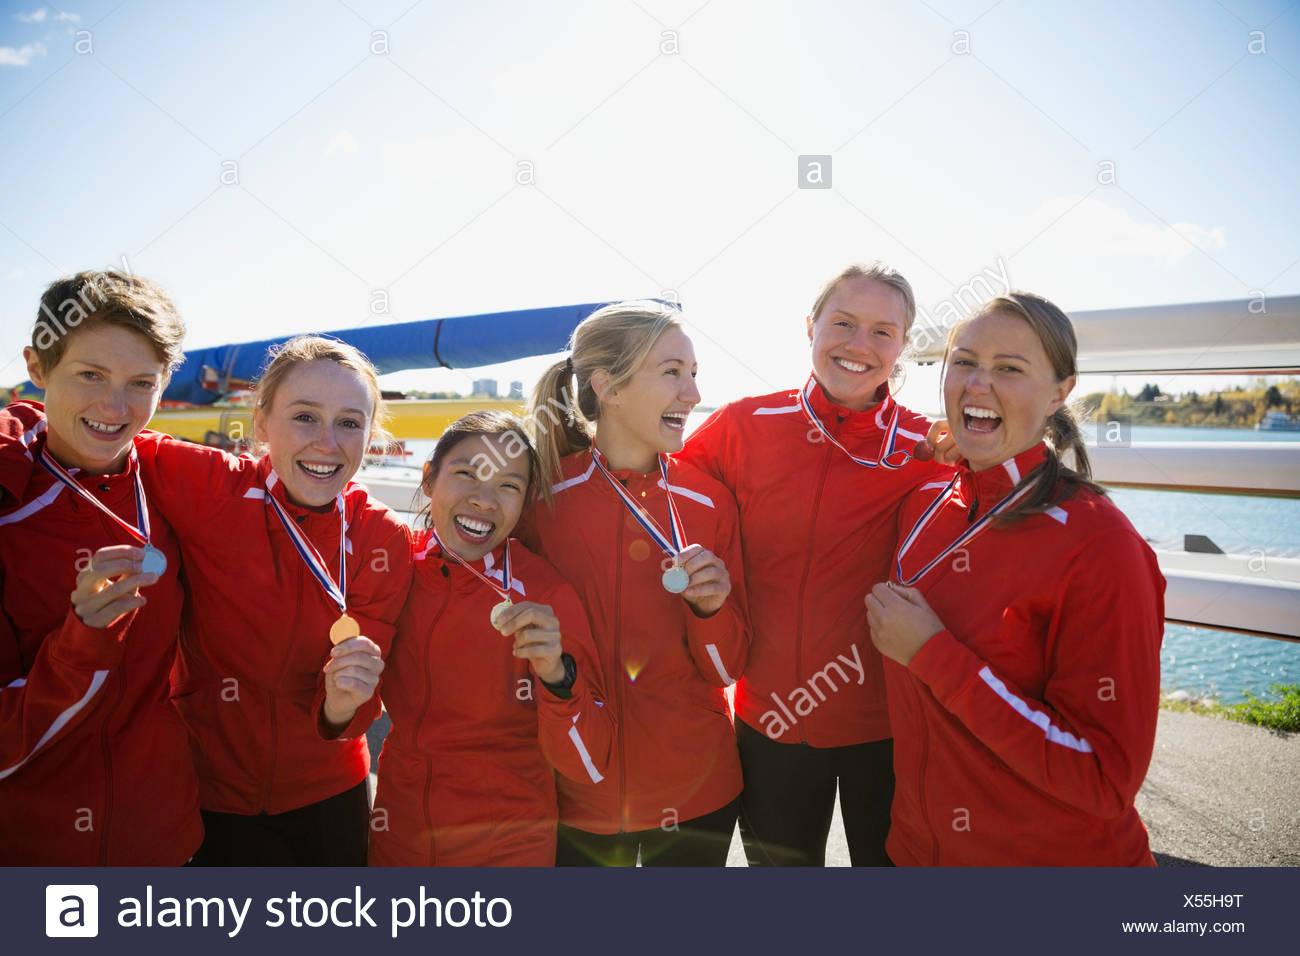 Porträt des Ruderns Team mit Medaillen feiern Stockbild